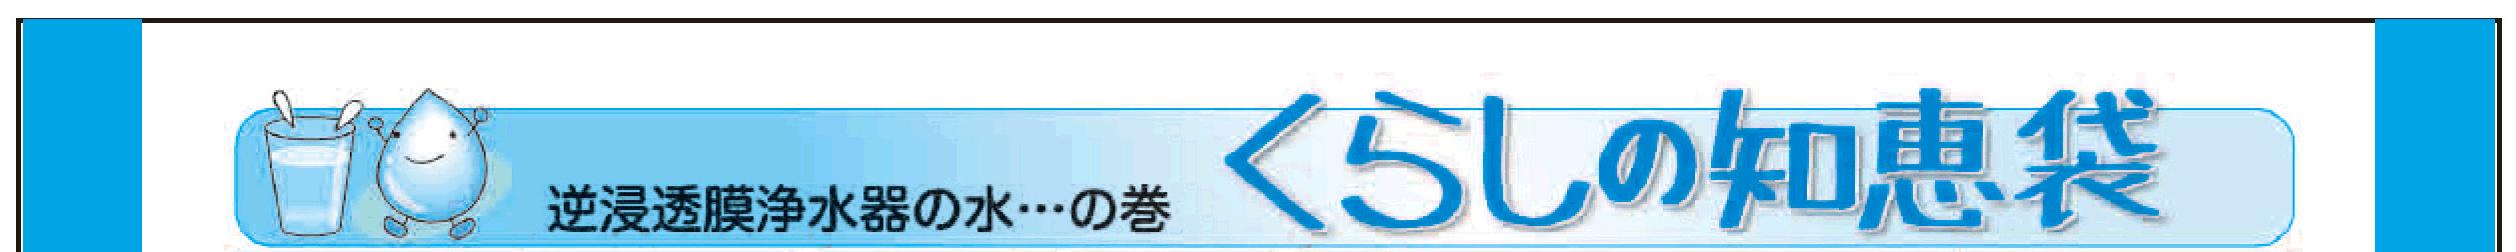 マンガ-暮らしの知恵袋(逆浸透膜浄水機の水の巻)01